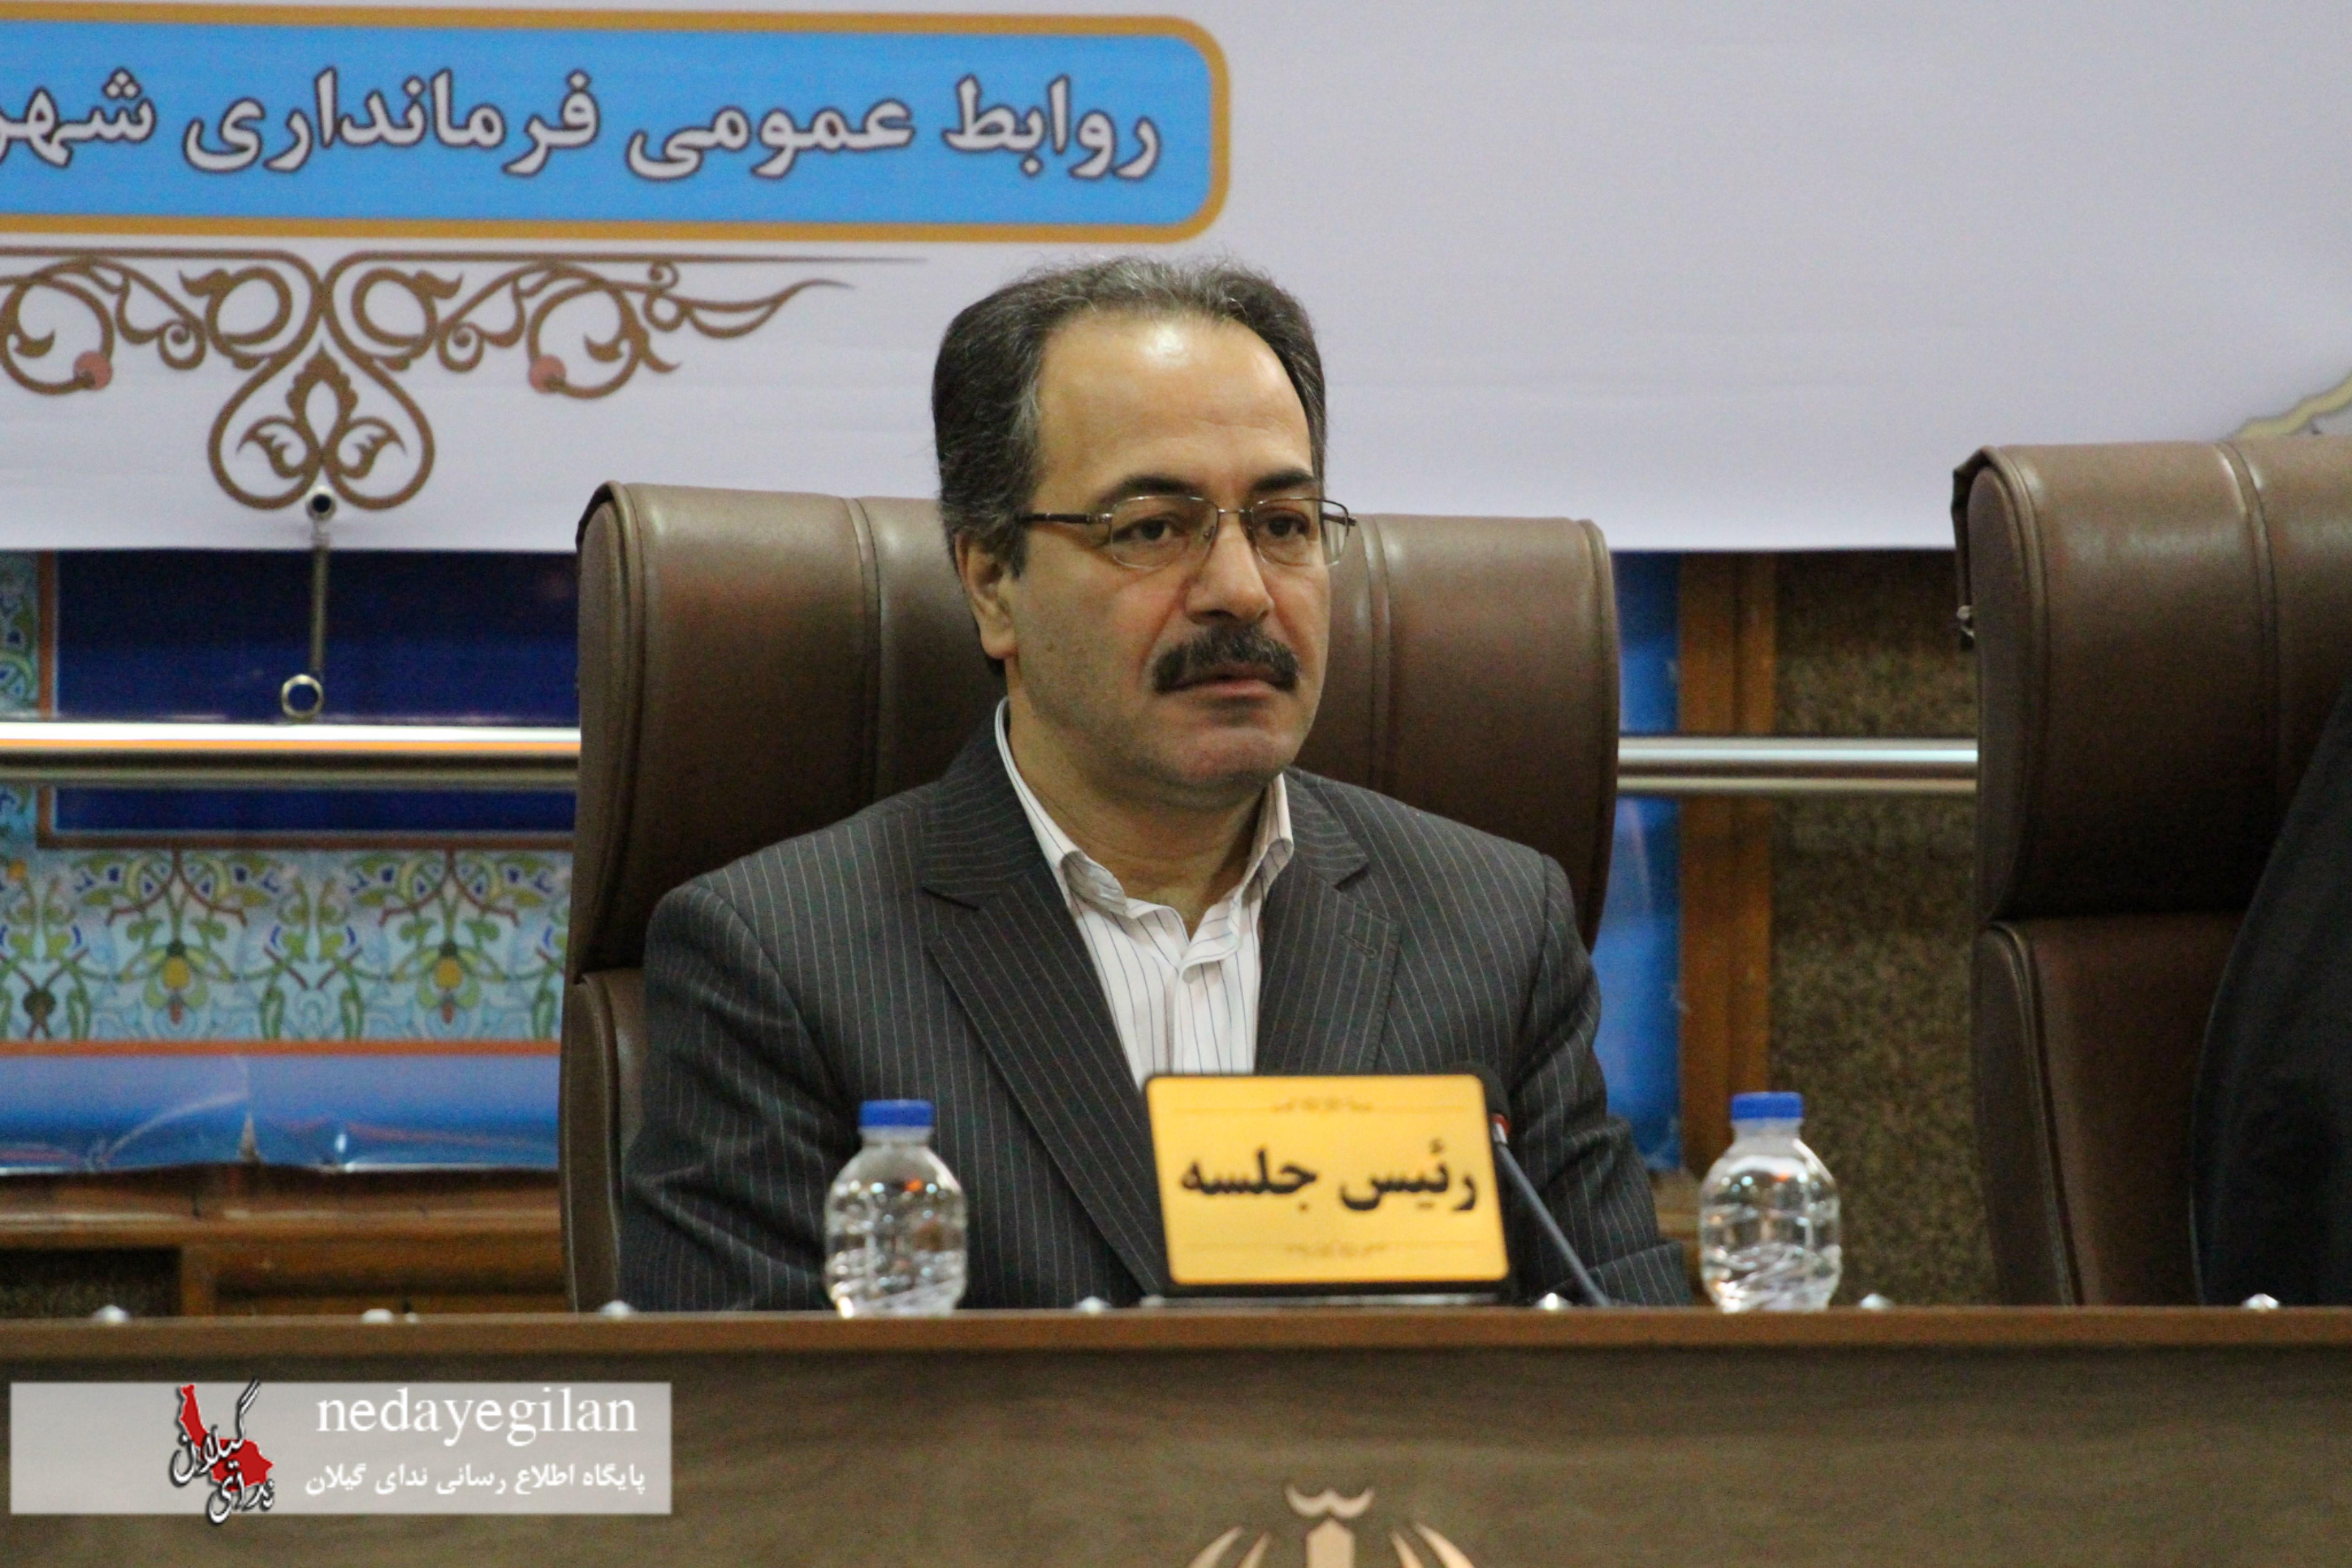 پیام تبریک فرماندار رشت به مناسبت روز شهرداری و دهیاری ها